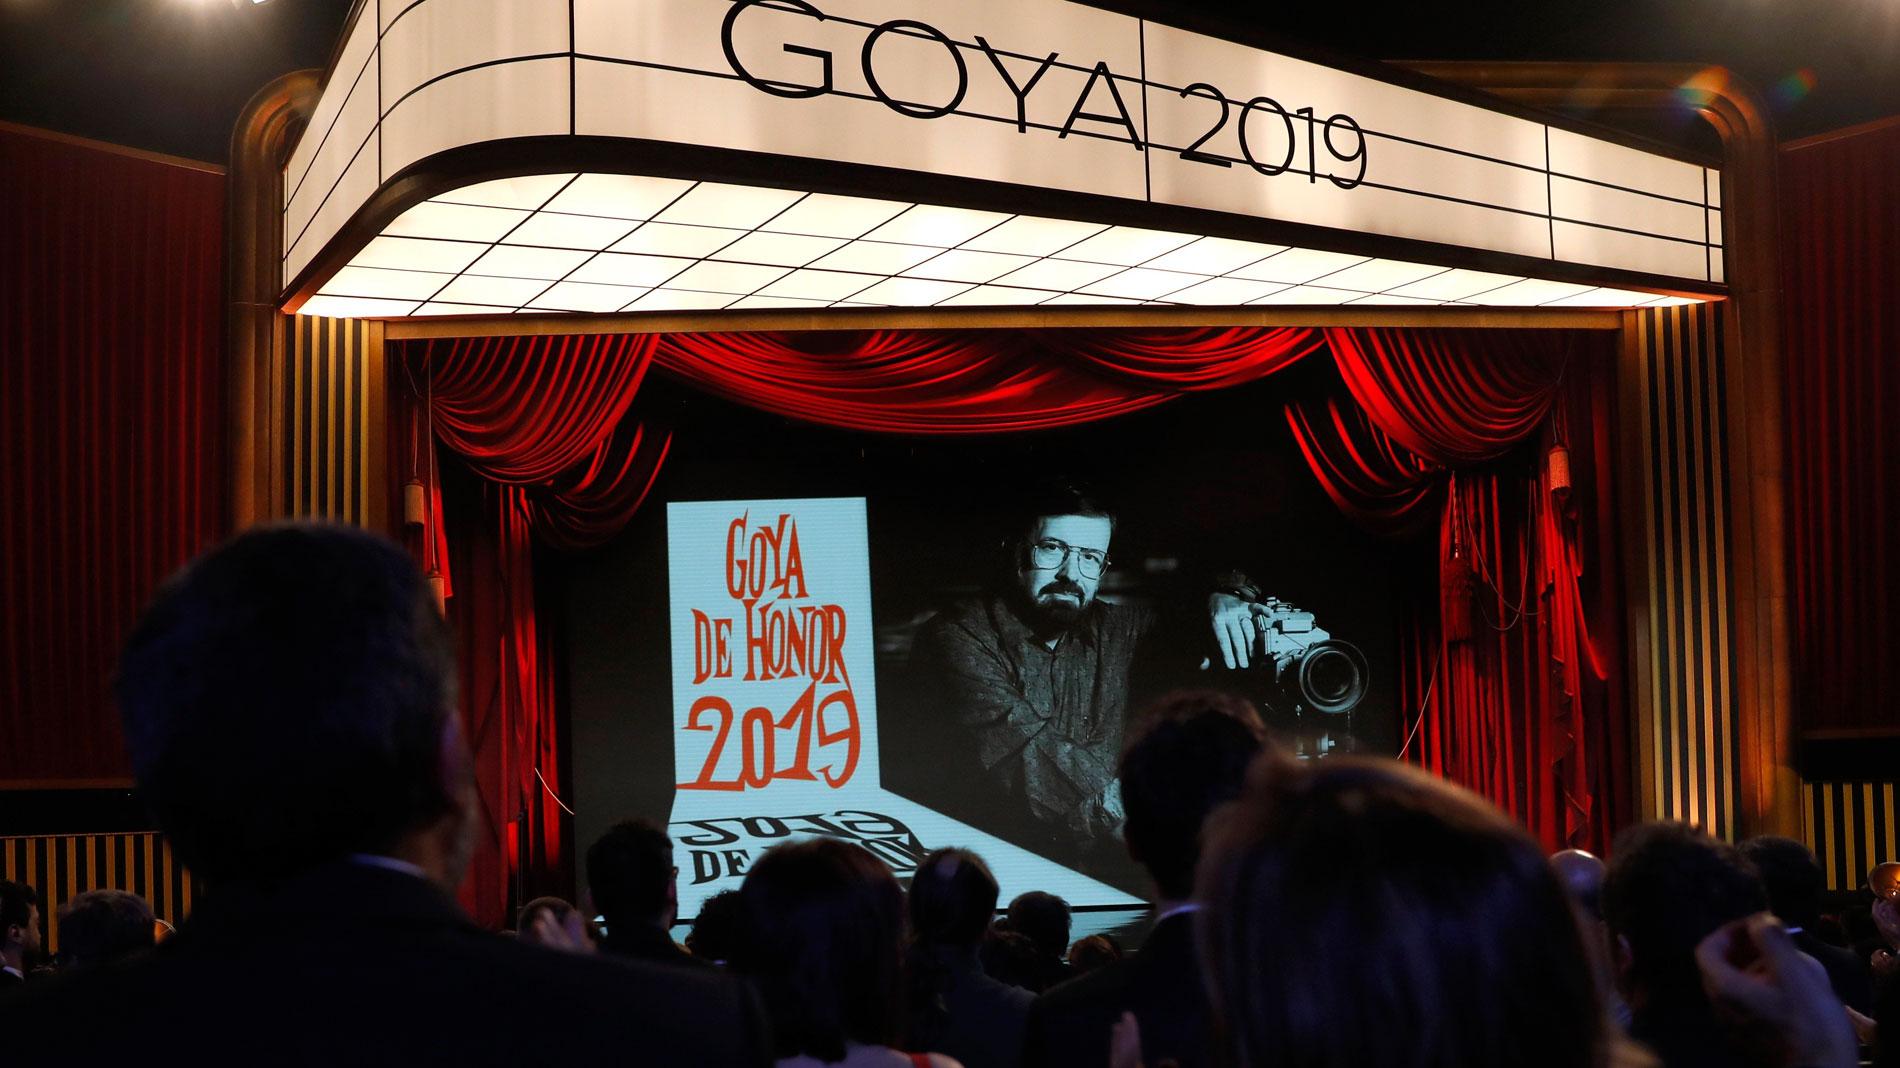 J.A. Bayona realiza un corto en homenaje al premio Goya de Honor, Chicho Ibáñez Serrador